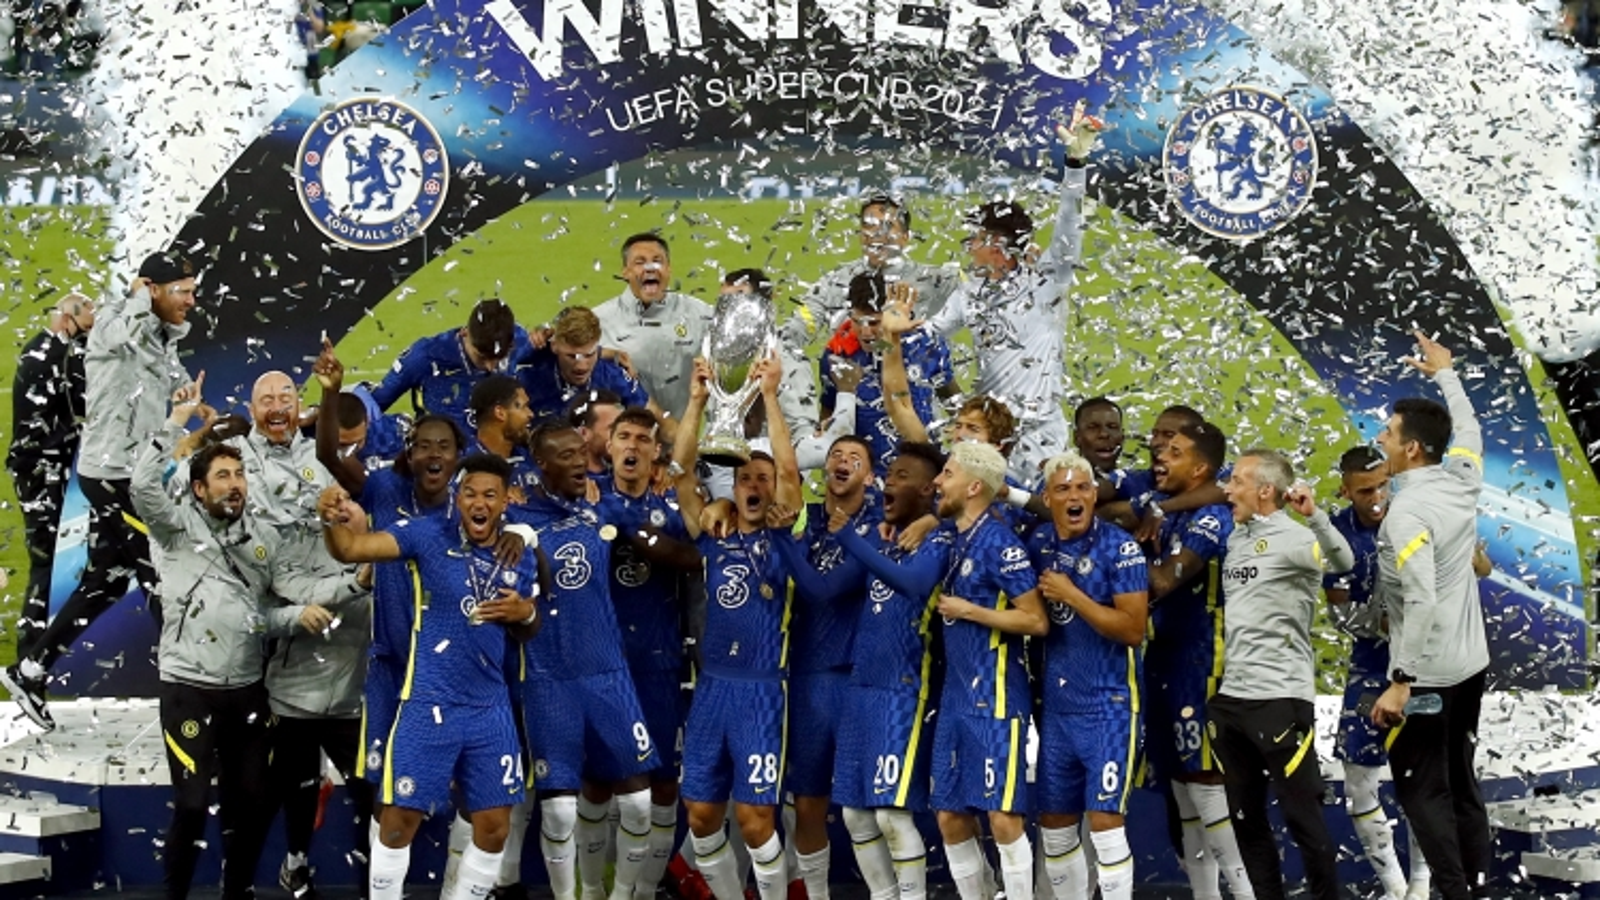 """""""Tuyệt chiêu"""" thay người đưa Chelsea đến danh hiệu Siêu cúp châu Âu 2021"""